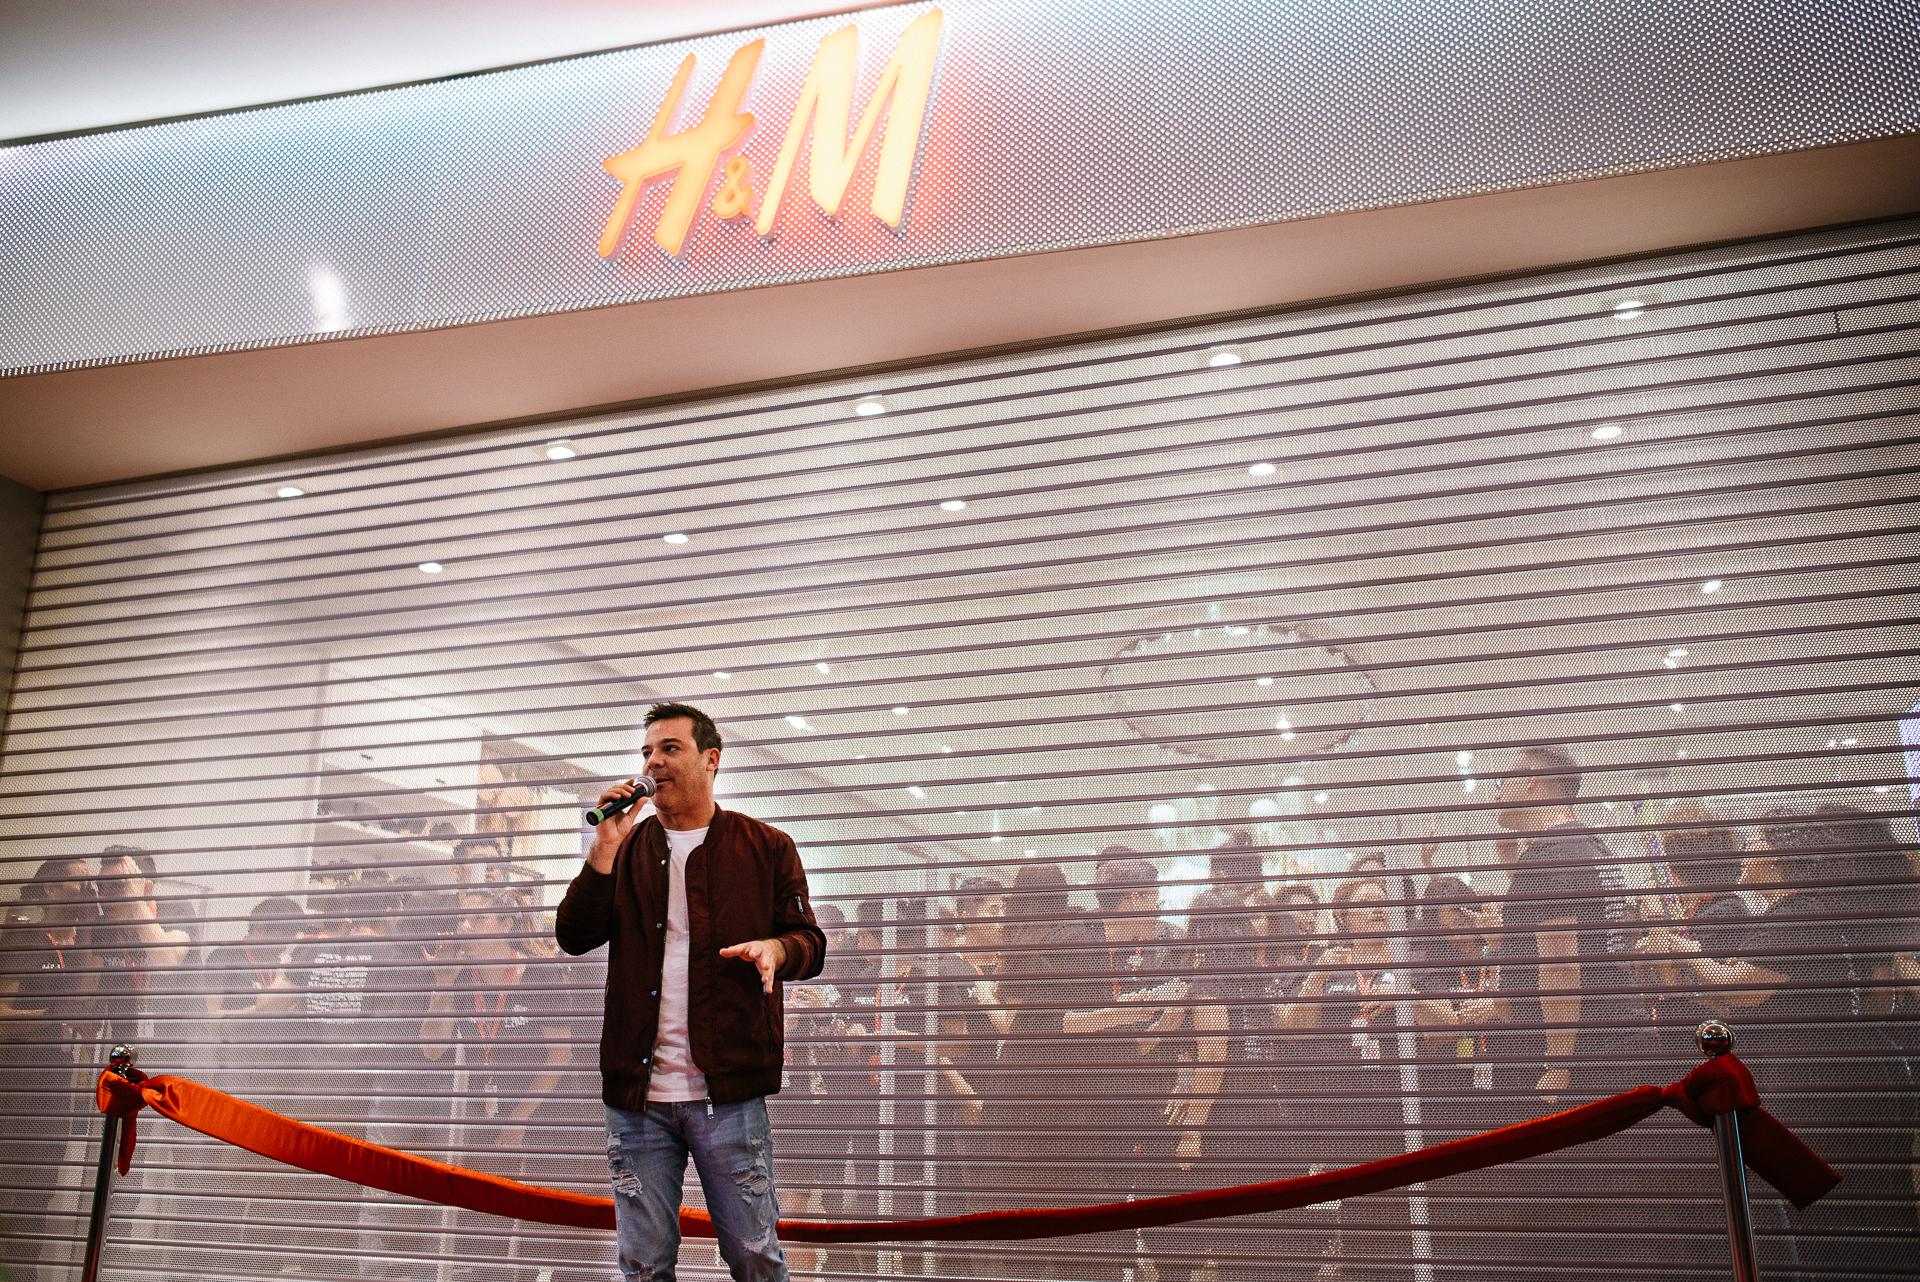 HM RIC 44361 - H&M confirma apertura de una nueva tienda en Trujillo